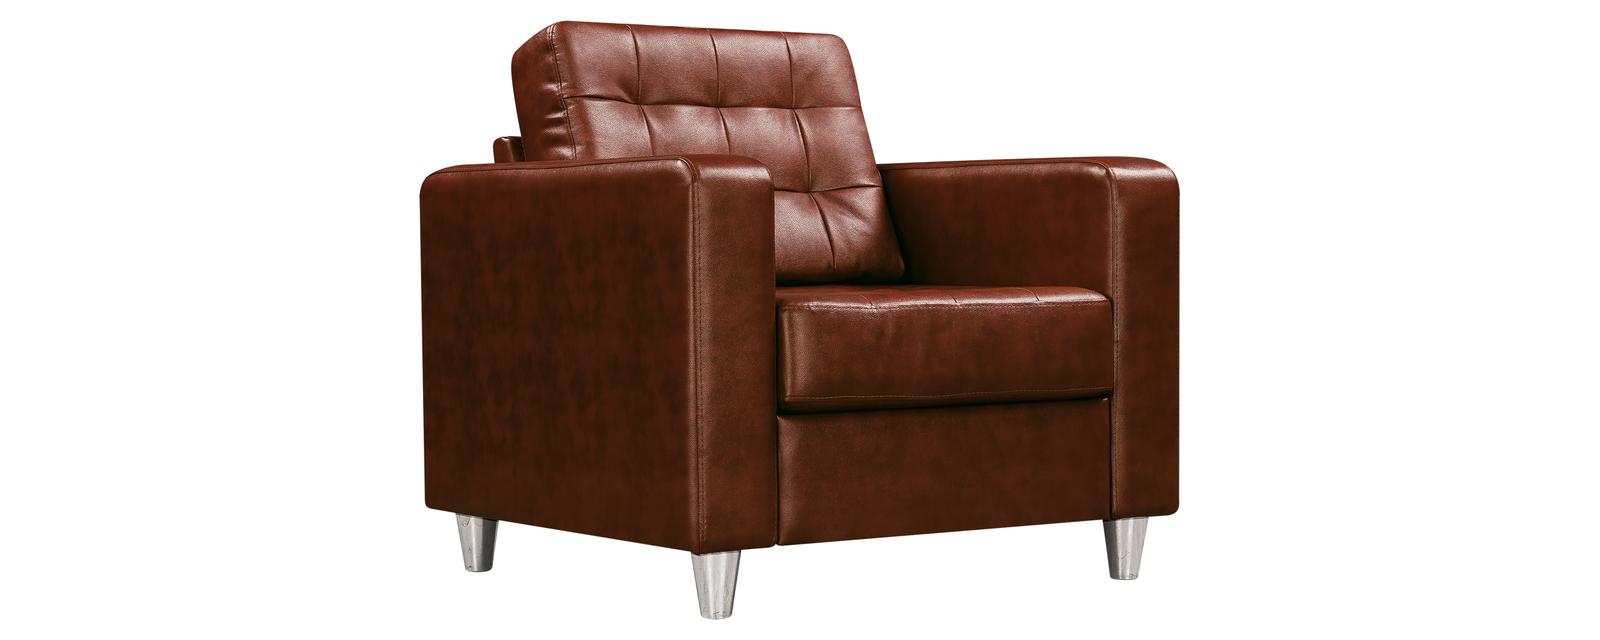 Кресло кожаное Камелот Коричневый (Натуральная кожа)